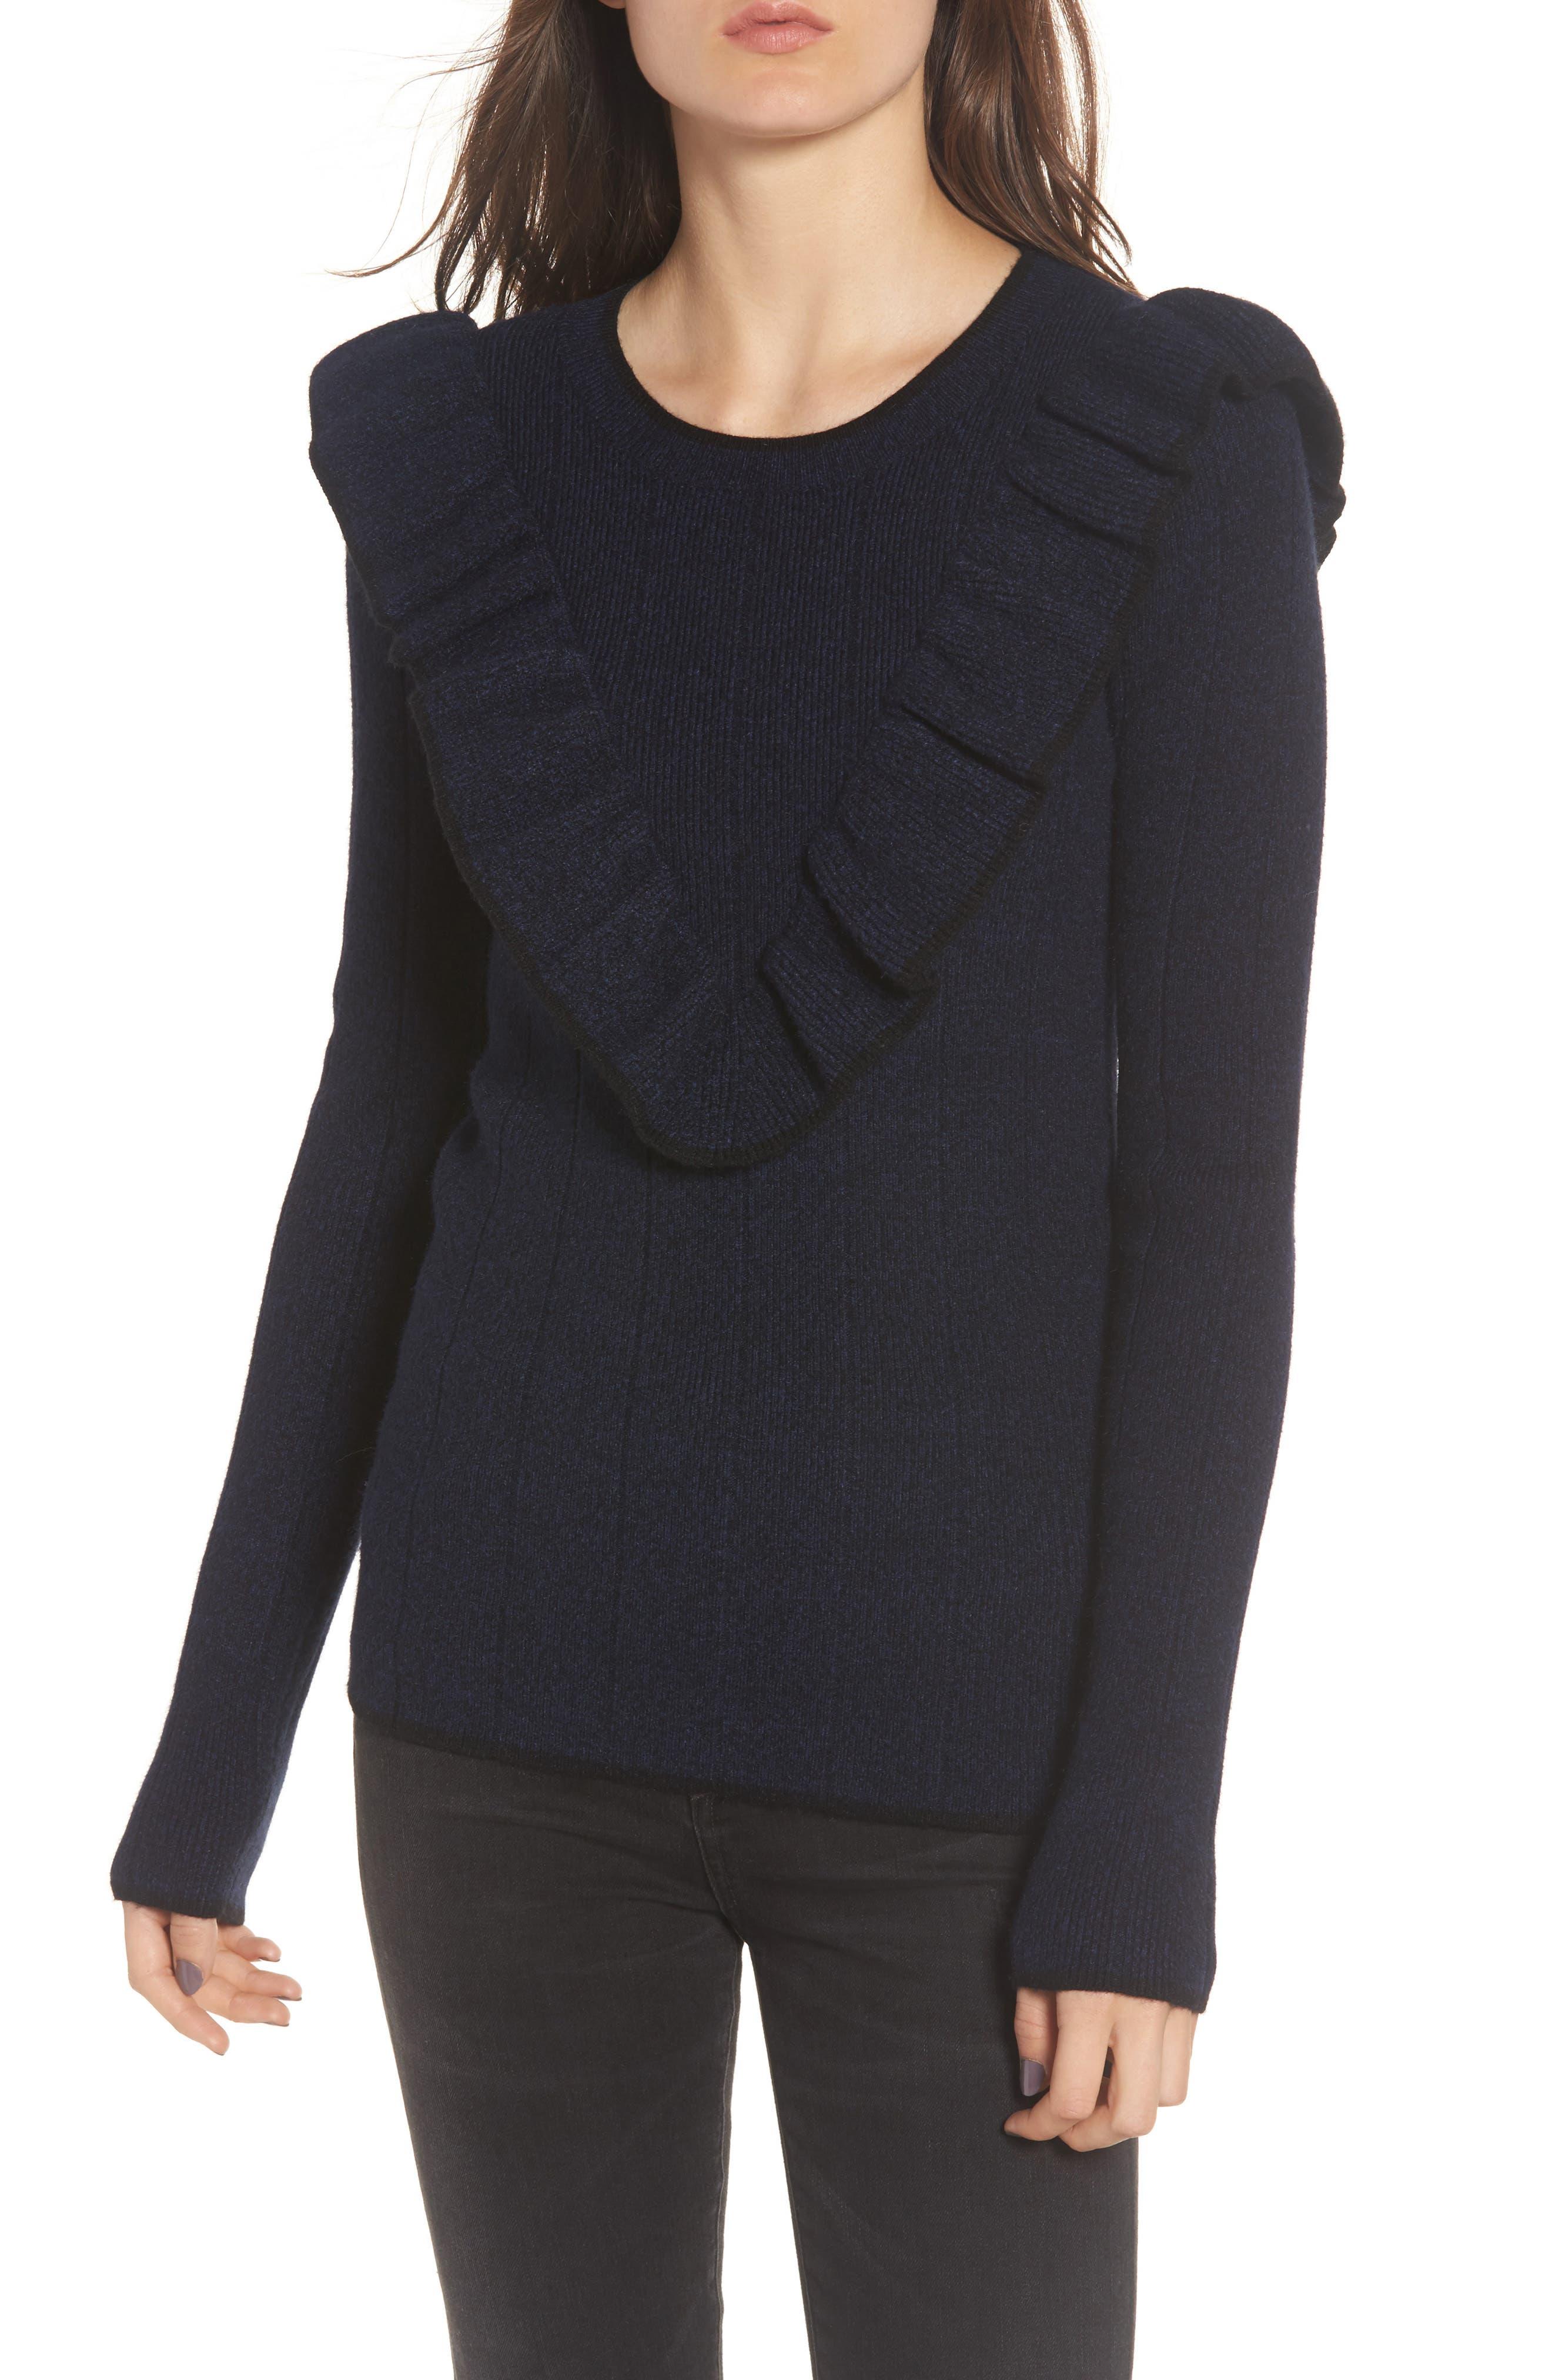 Hinge Ruffle Sweater